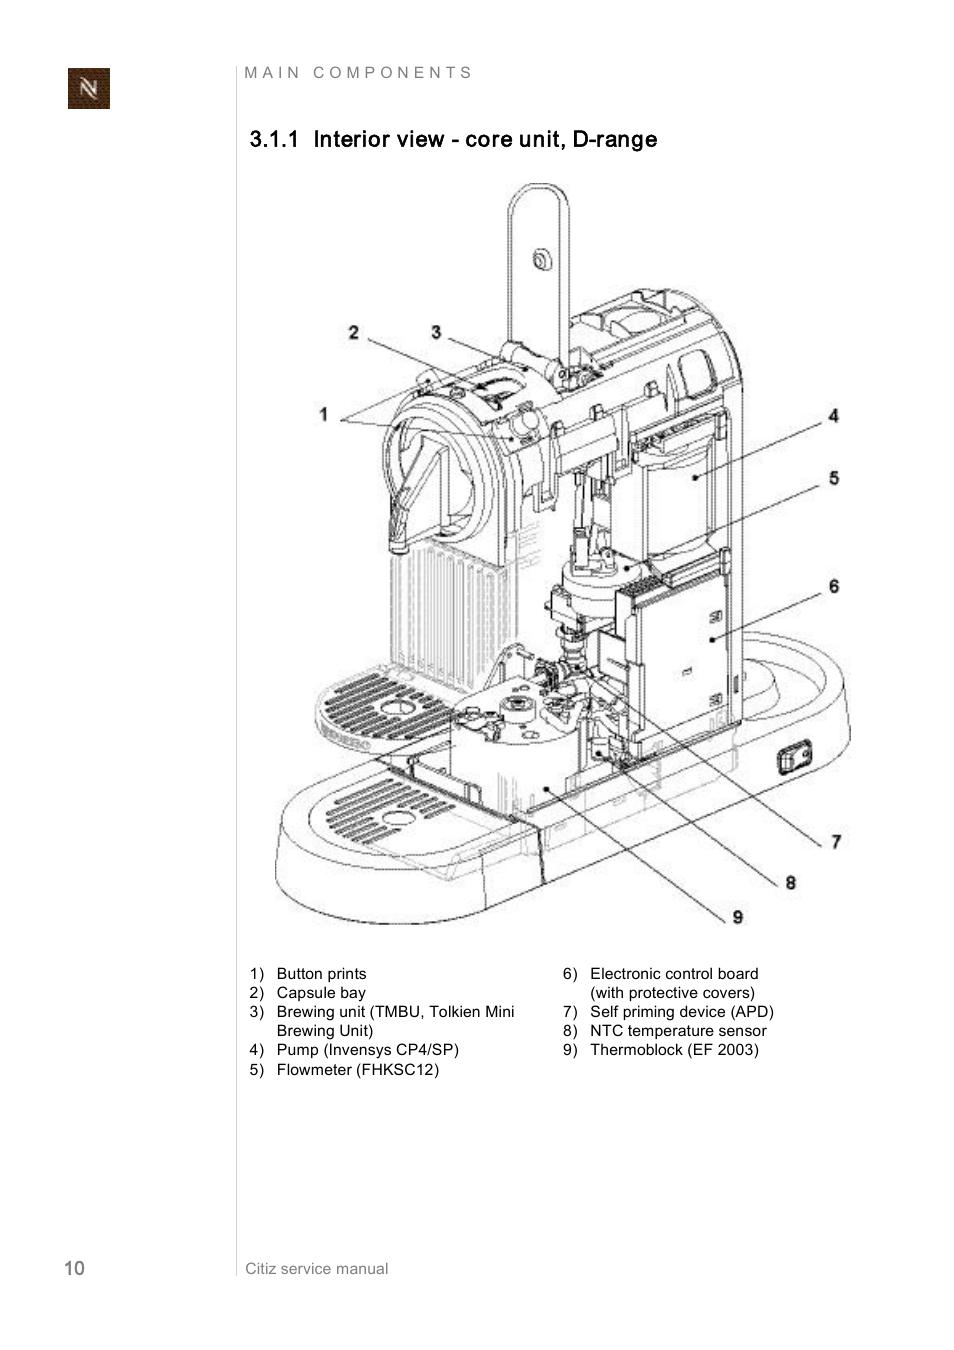 Nespresso Coffee Maker User Manuals : 1 interior view ? core unit, d?range Nespresso Citiz & Co EF 488 User Manual Page 10 / 158